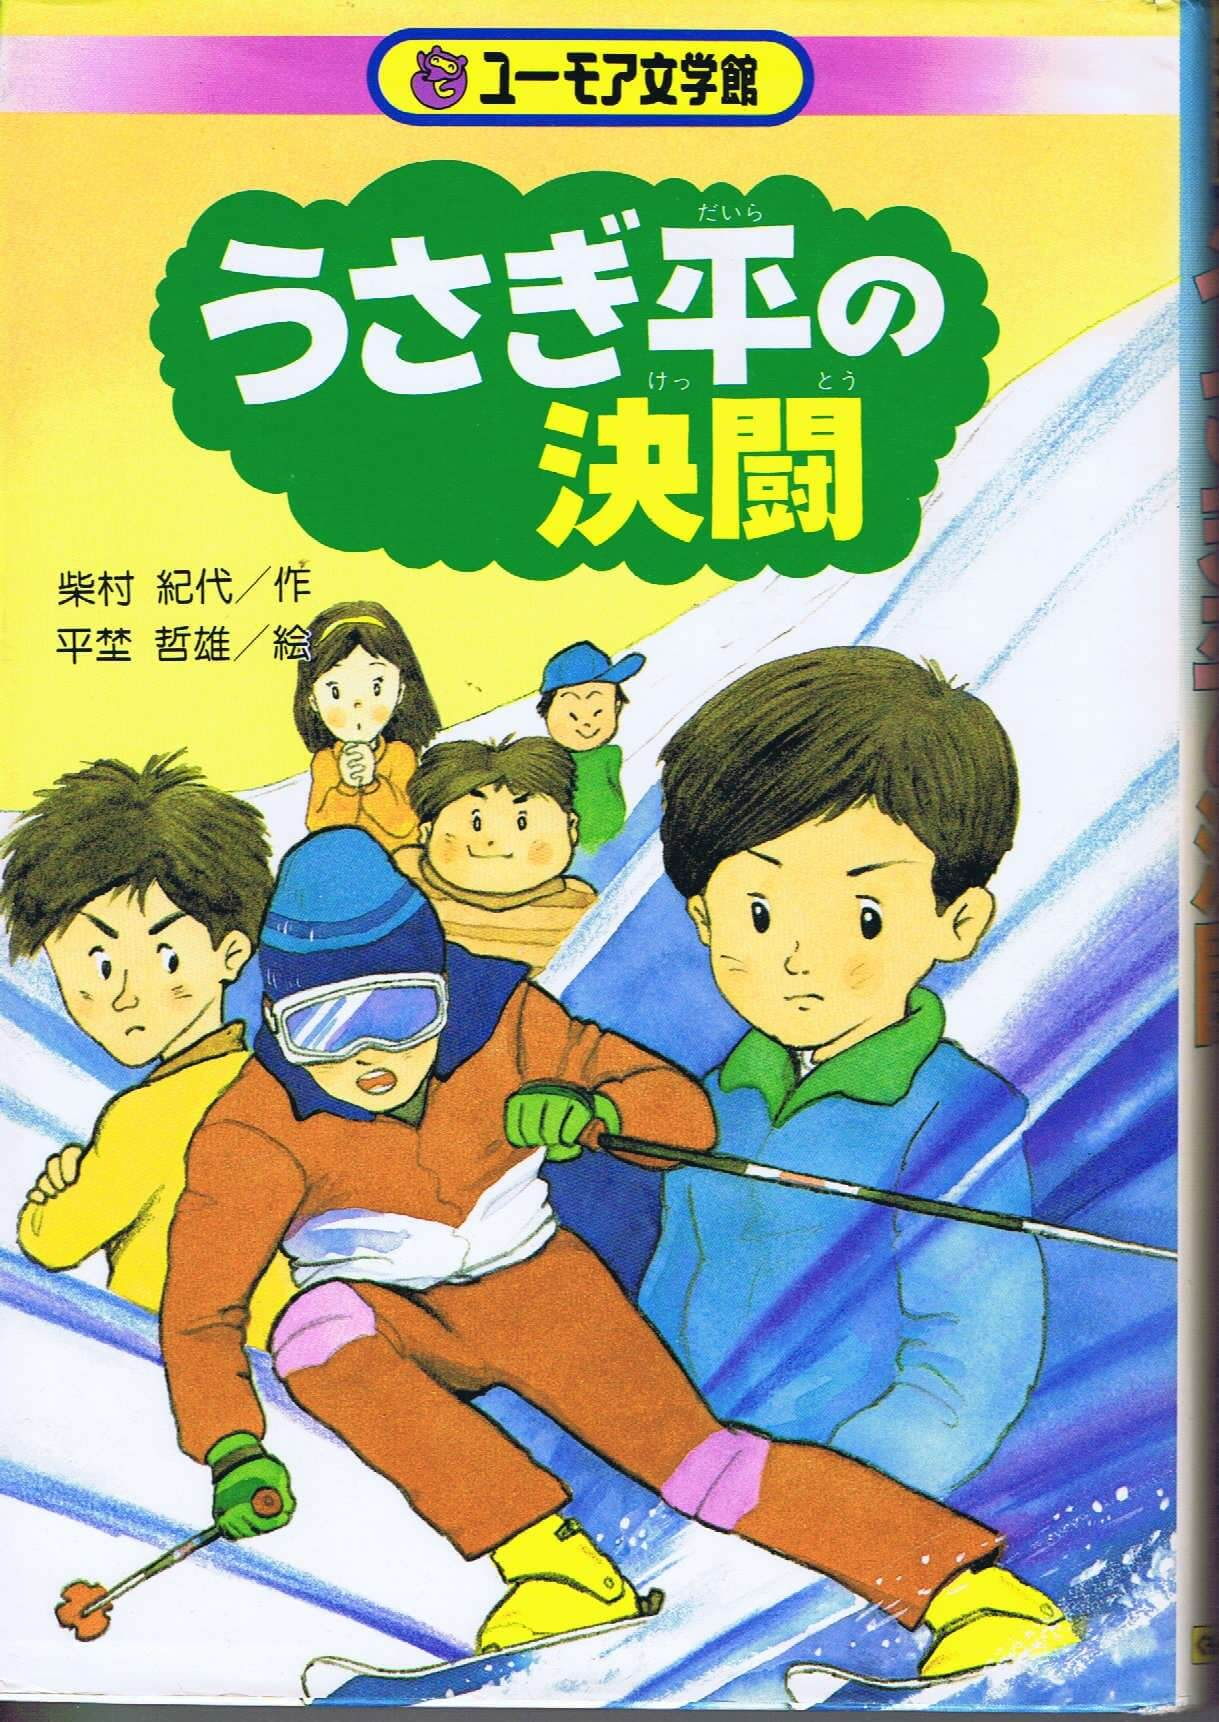 うさぎ平の決闘 (ユーモア文学館14)